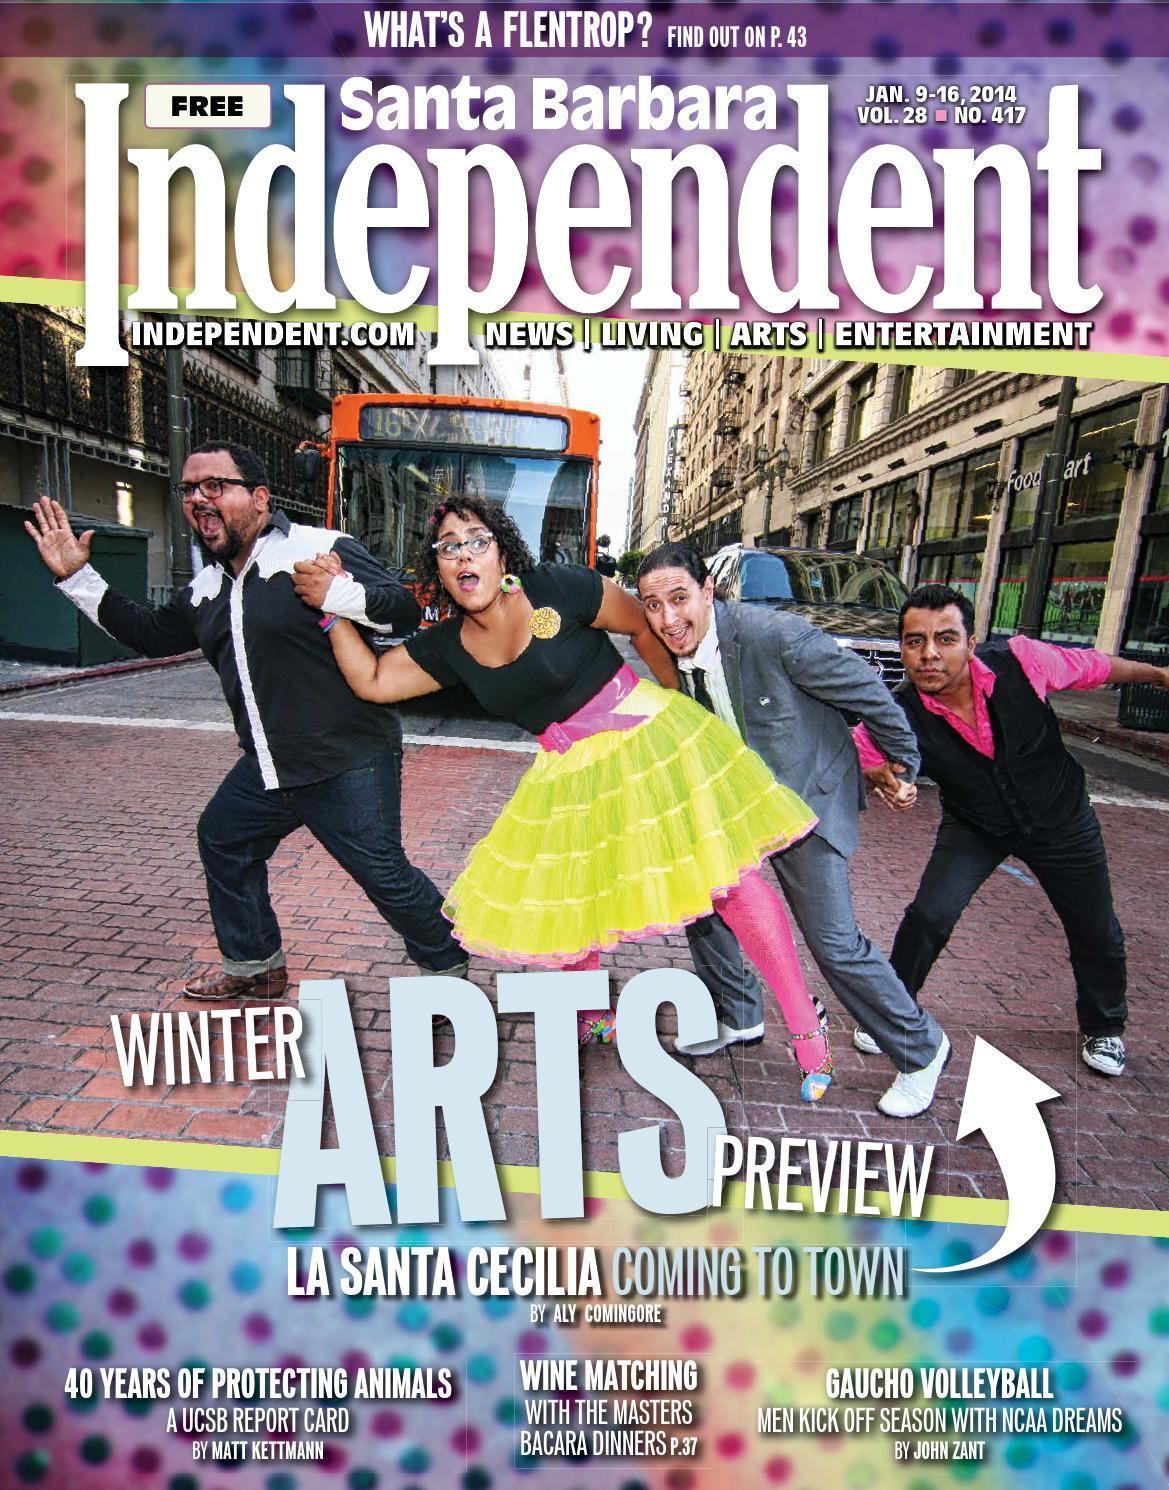 Santa Barbara Independent 01 09 14 By SB